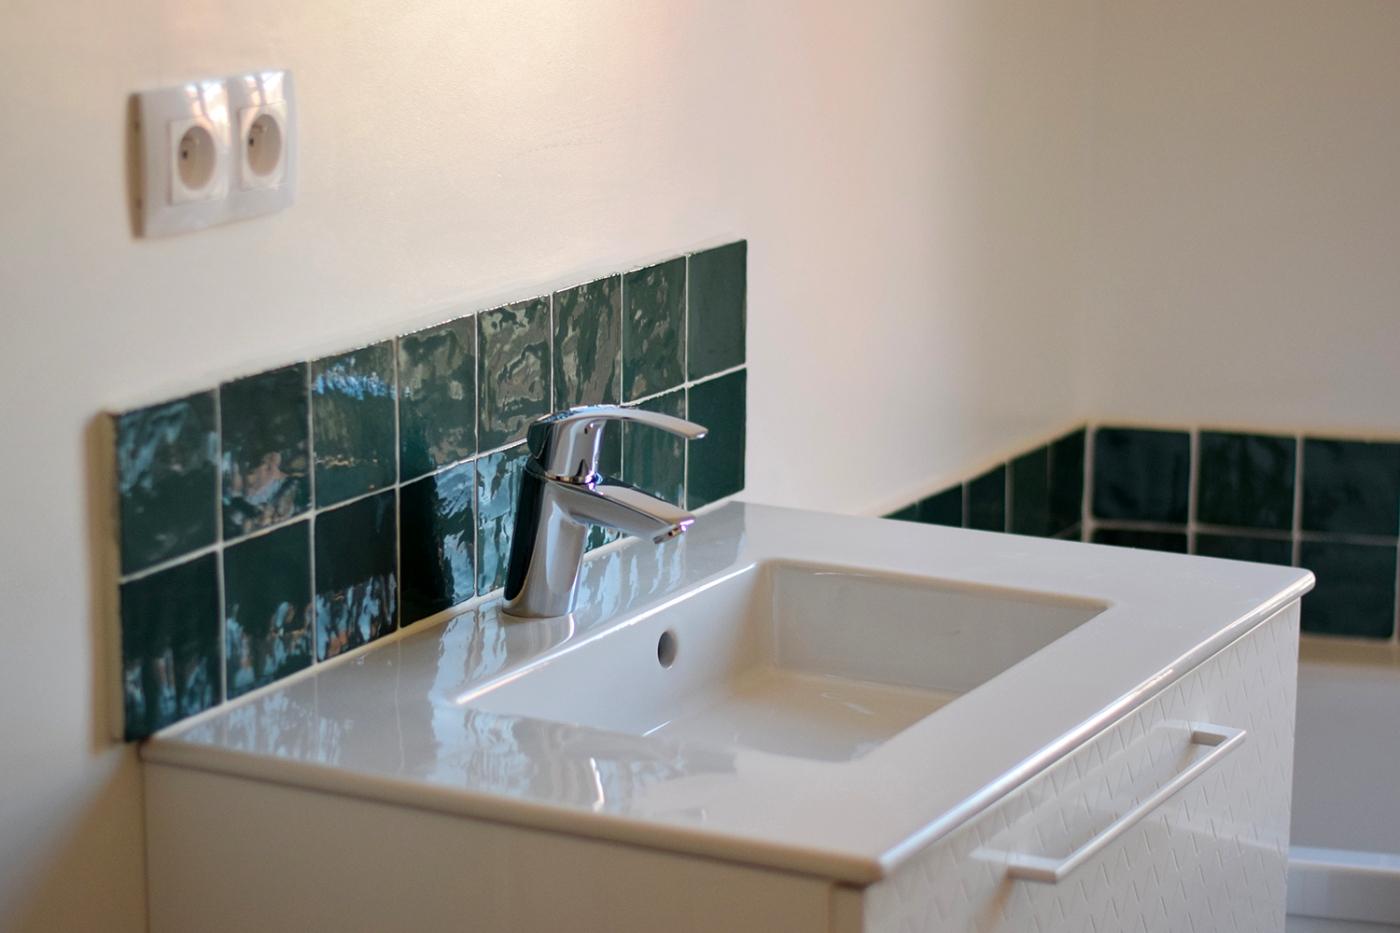 Renovation salle de bain ancienne faience zellige 01